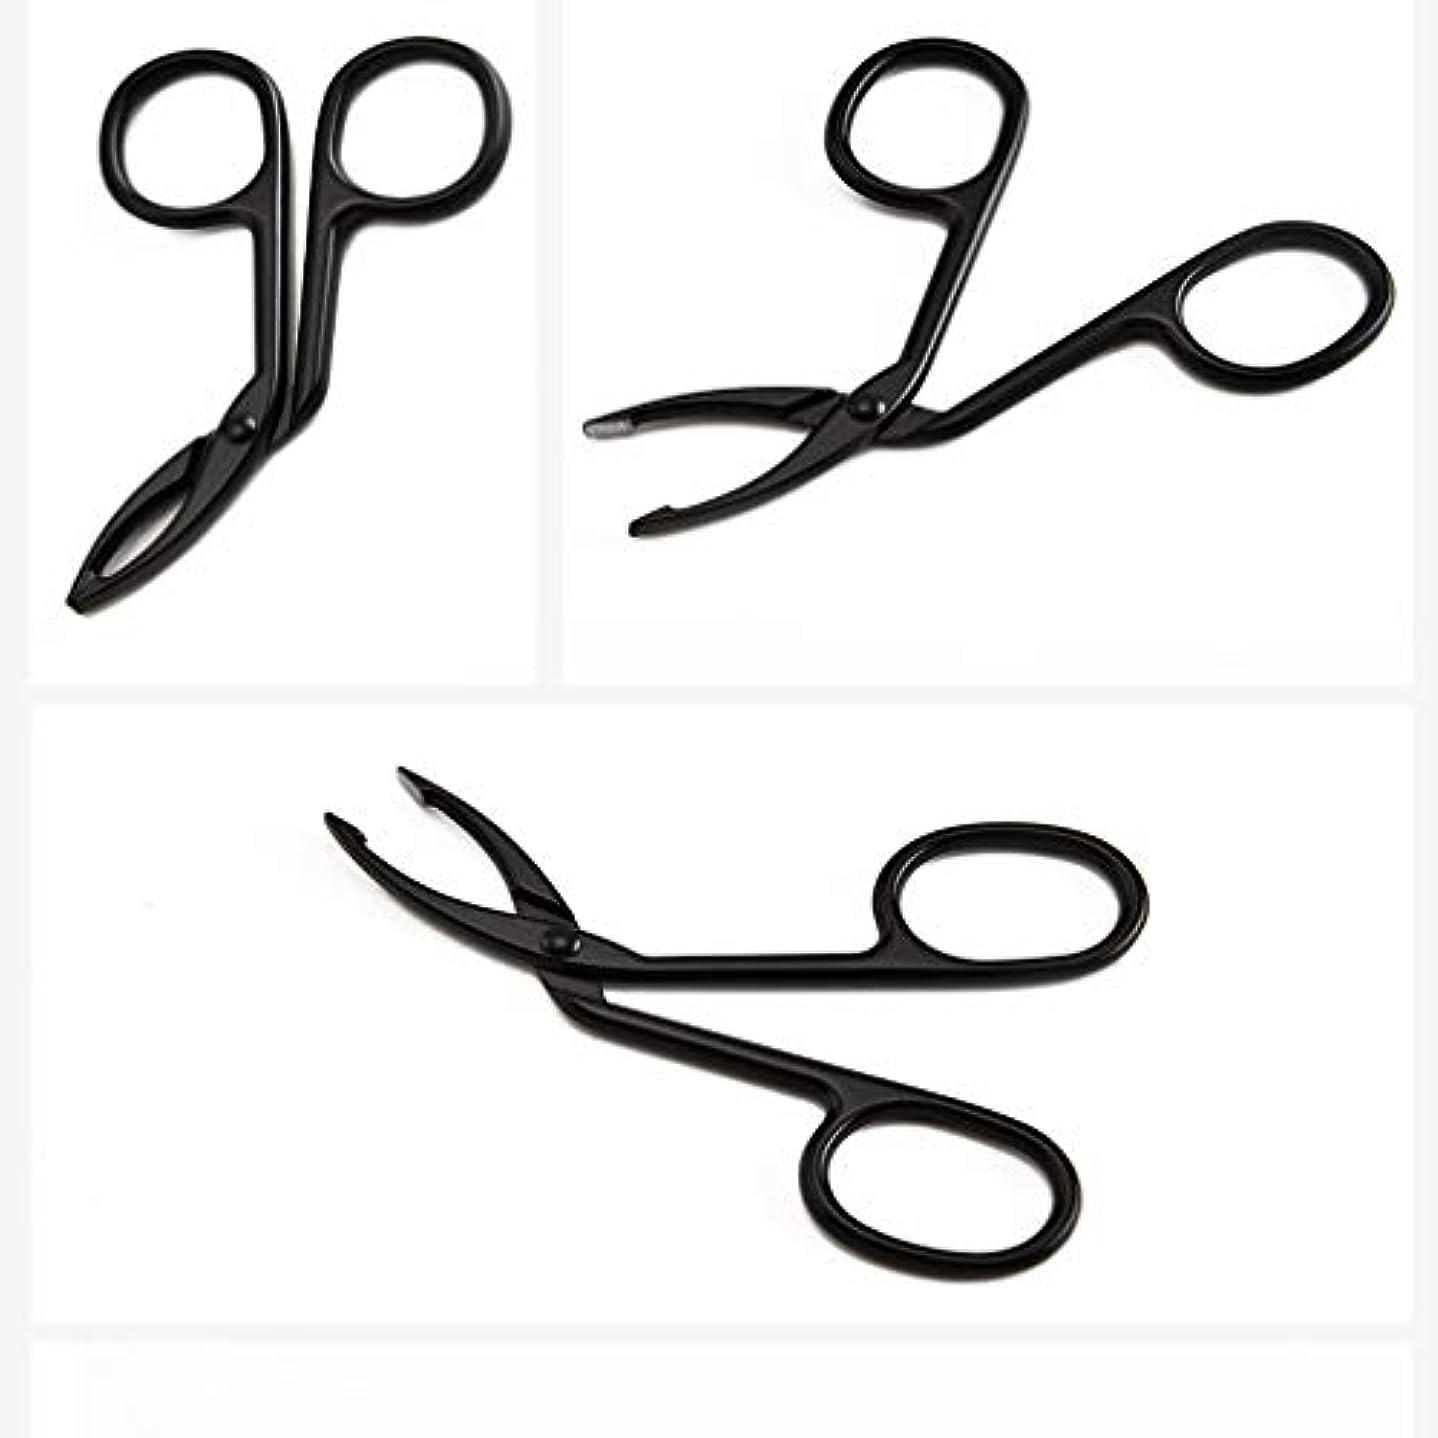 宝喪通信するLUXWELL(ラクスウェル)眉毛ピンセットアイブロウ ピンセットクリップ 毛抜き まゆ毛ピンセット 人気の 化粧工具 クリップ